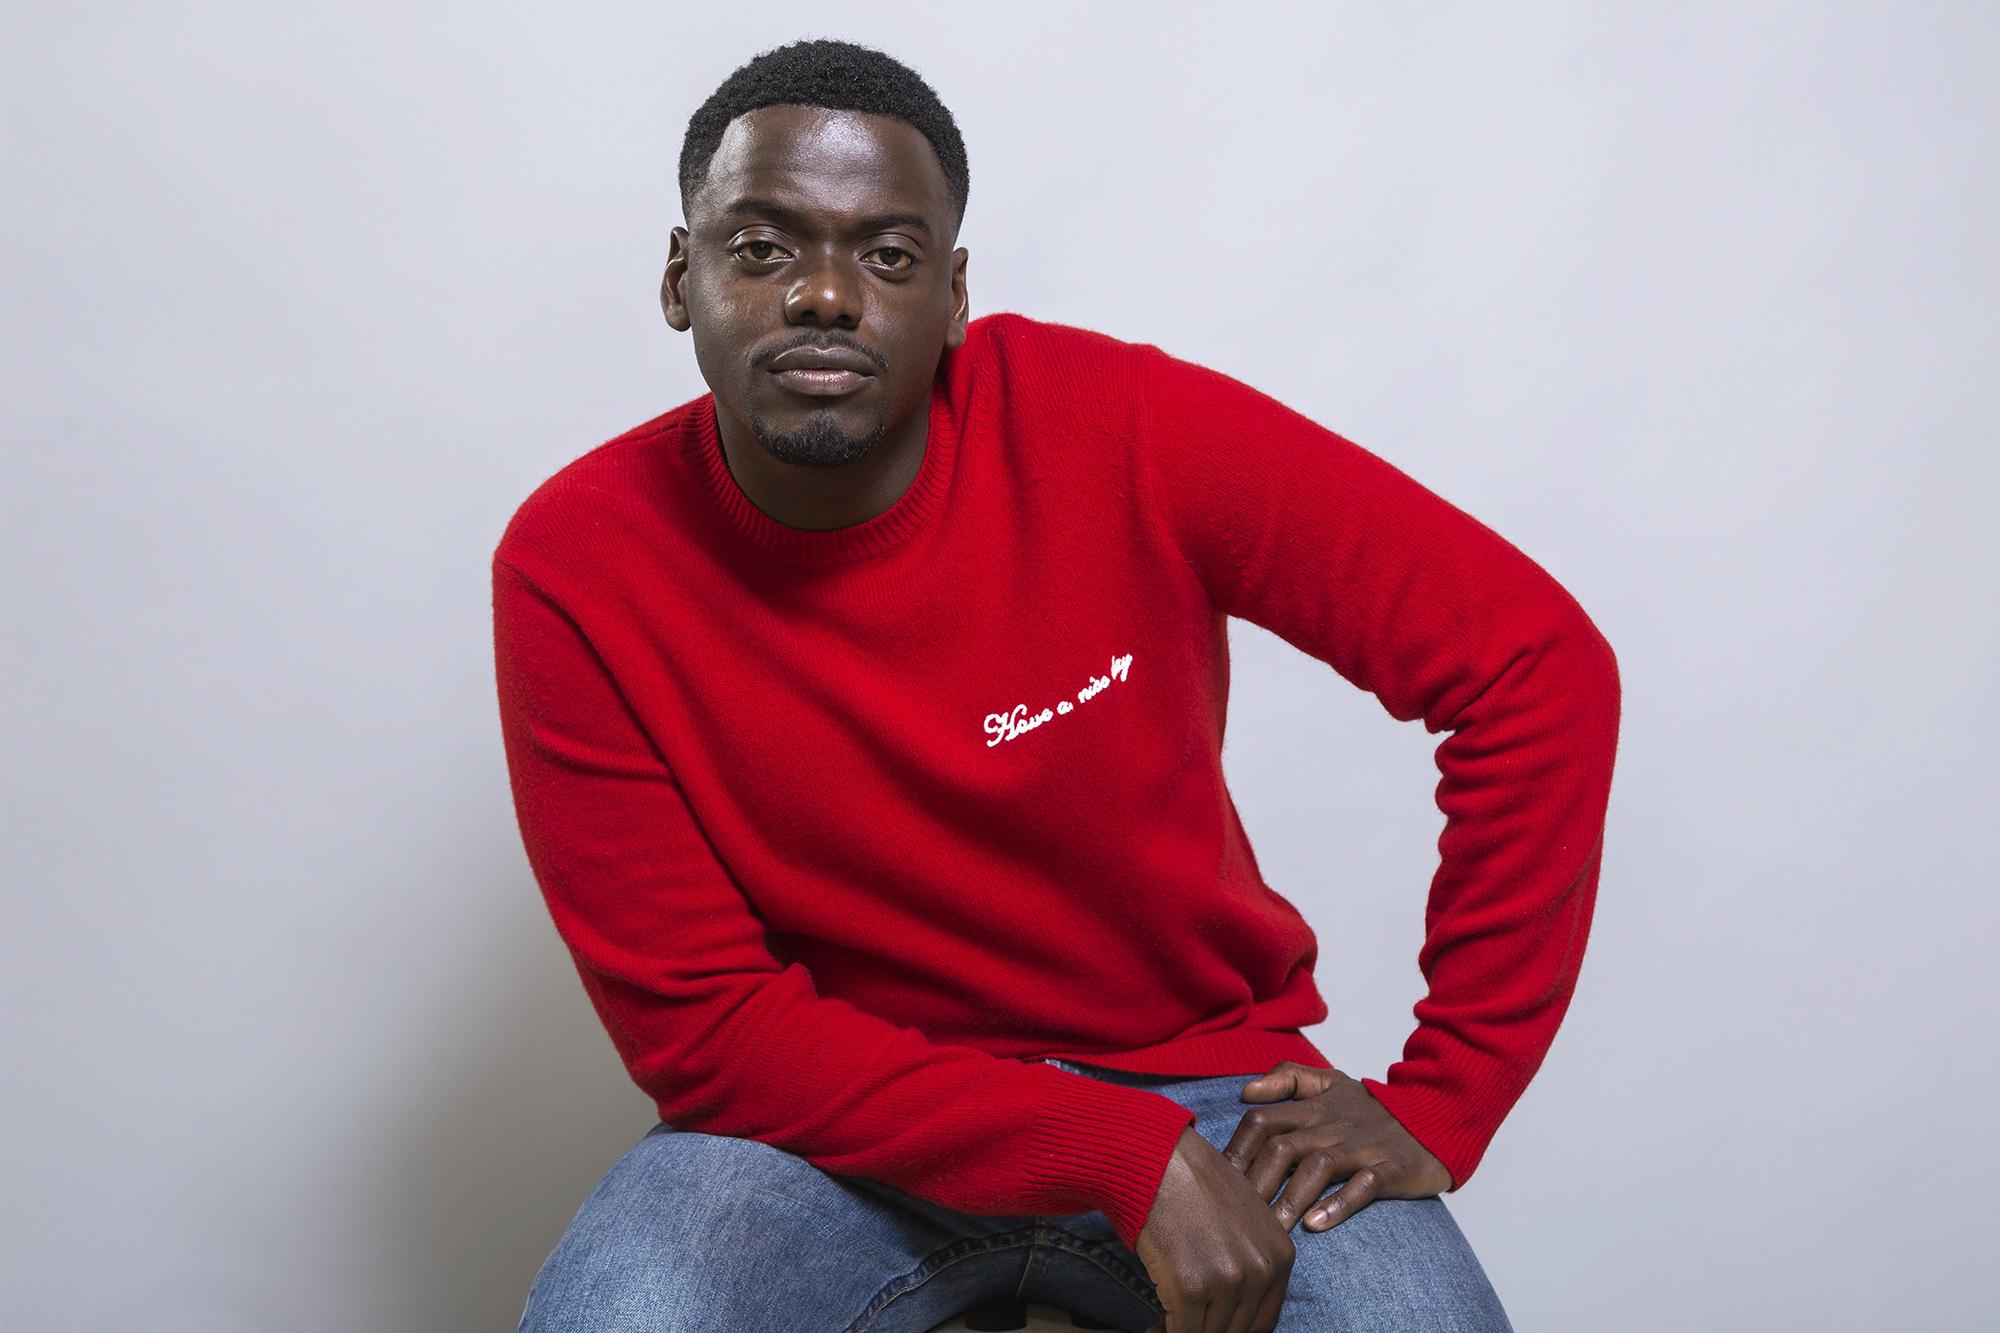 Daniel Kaluuya: The Judas and Black Messiah star has something to say |  EW.com